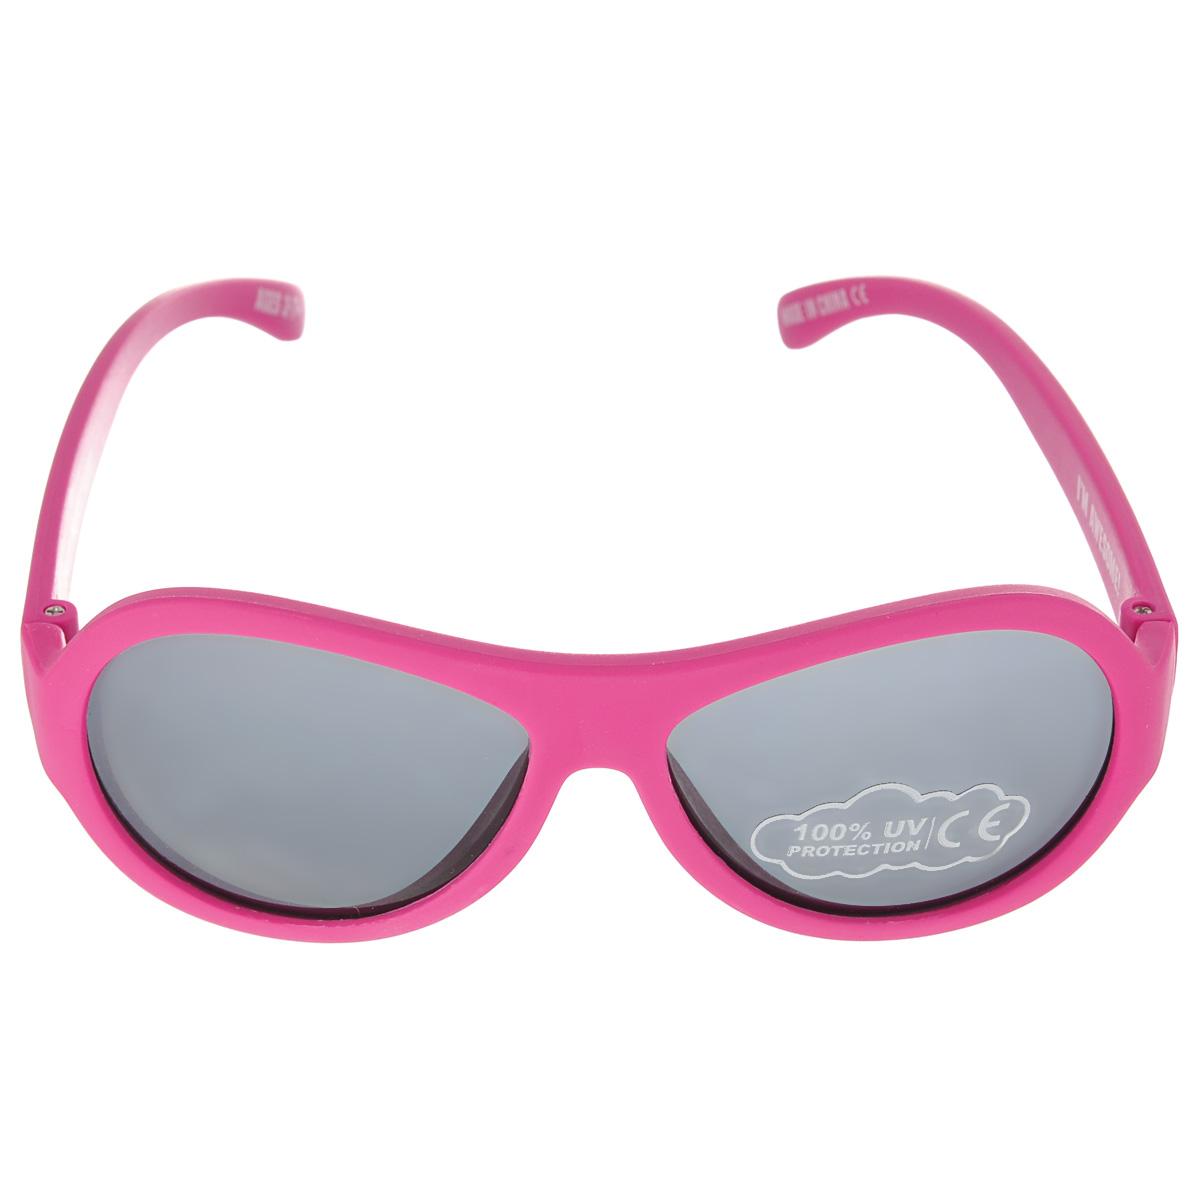 Детские солнцезащитные очки Babiators Поп-звезда (Popstar), цвет: розовый, 3-7 летBAB-047Вы делаете все возможное, чтобы ваши дети были здоровы и в безопасности. Шлемы для езды на велосипеде, солнцезащитный крем для прогулок на солнце... Но как насчет влияния солнца на глаза вашего ребенка? Правда в том, что сетчатка глаза у детей развивается вместе с самим ребенком. Это означает, что глаза малышей не могут отфильтровать УФ-излучение. Проблема понятна - детям нужна настоящая защита, чтобы глазки были в безопасности, а зрение сильным. Каждая пара солнцезащитных очков Babiators для детей обеспечивает 100% защиту от UVA и UVB. Прочные линзы высшего качества из поликарбоната не подведут в самых сложных переделках. В отличие от обычных пластиковых очков, оправа Babiators выполнена из гибкого прорезиненного материала (термопластичного эластомера), что делает их ударопрочными, их можно сгибать и крутить - они не сломаются и вернутся в прежнюю форму. Не бойтесь, что ребенок сядет на них - они все выдержат. Будьте уверены, что очки...